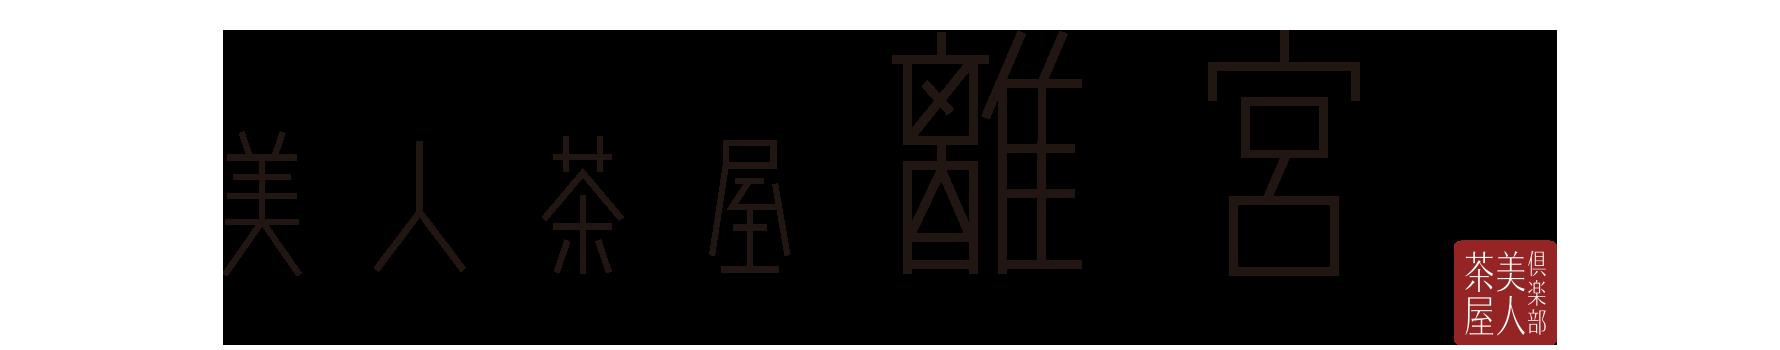 美人茶屋 離宮【ビジンチャヤ リキュウ】(六本木)のロゴ